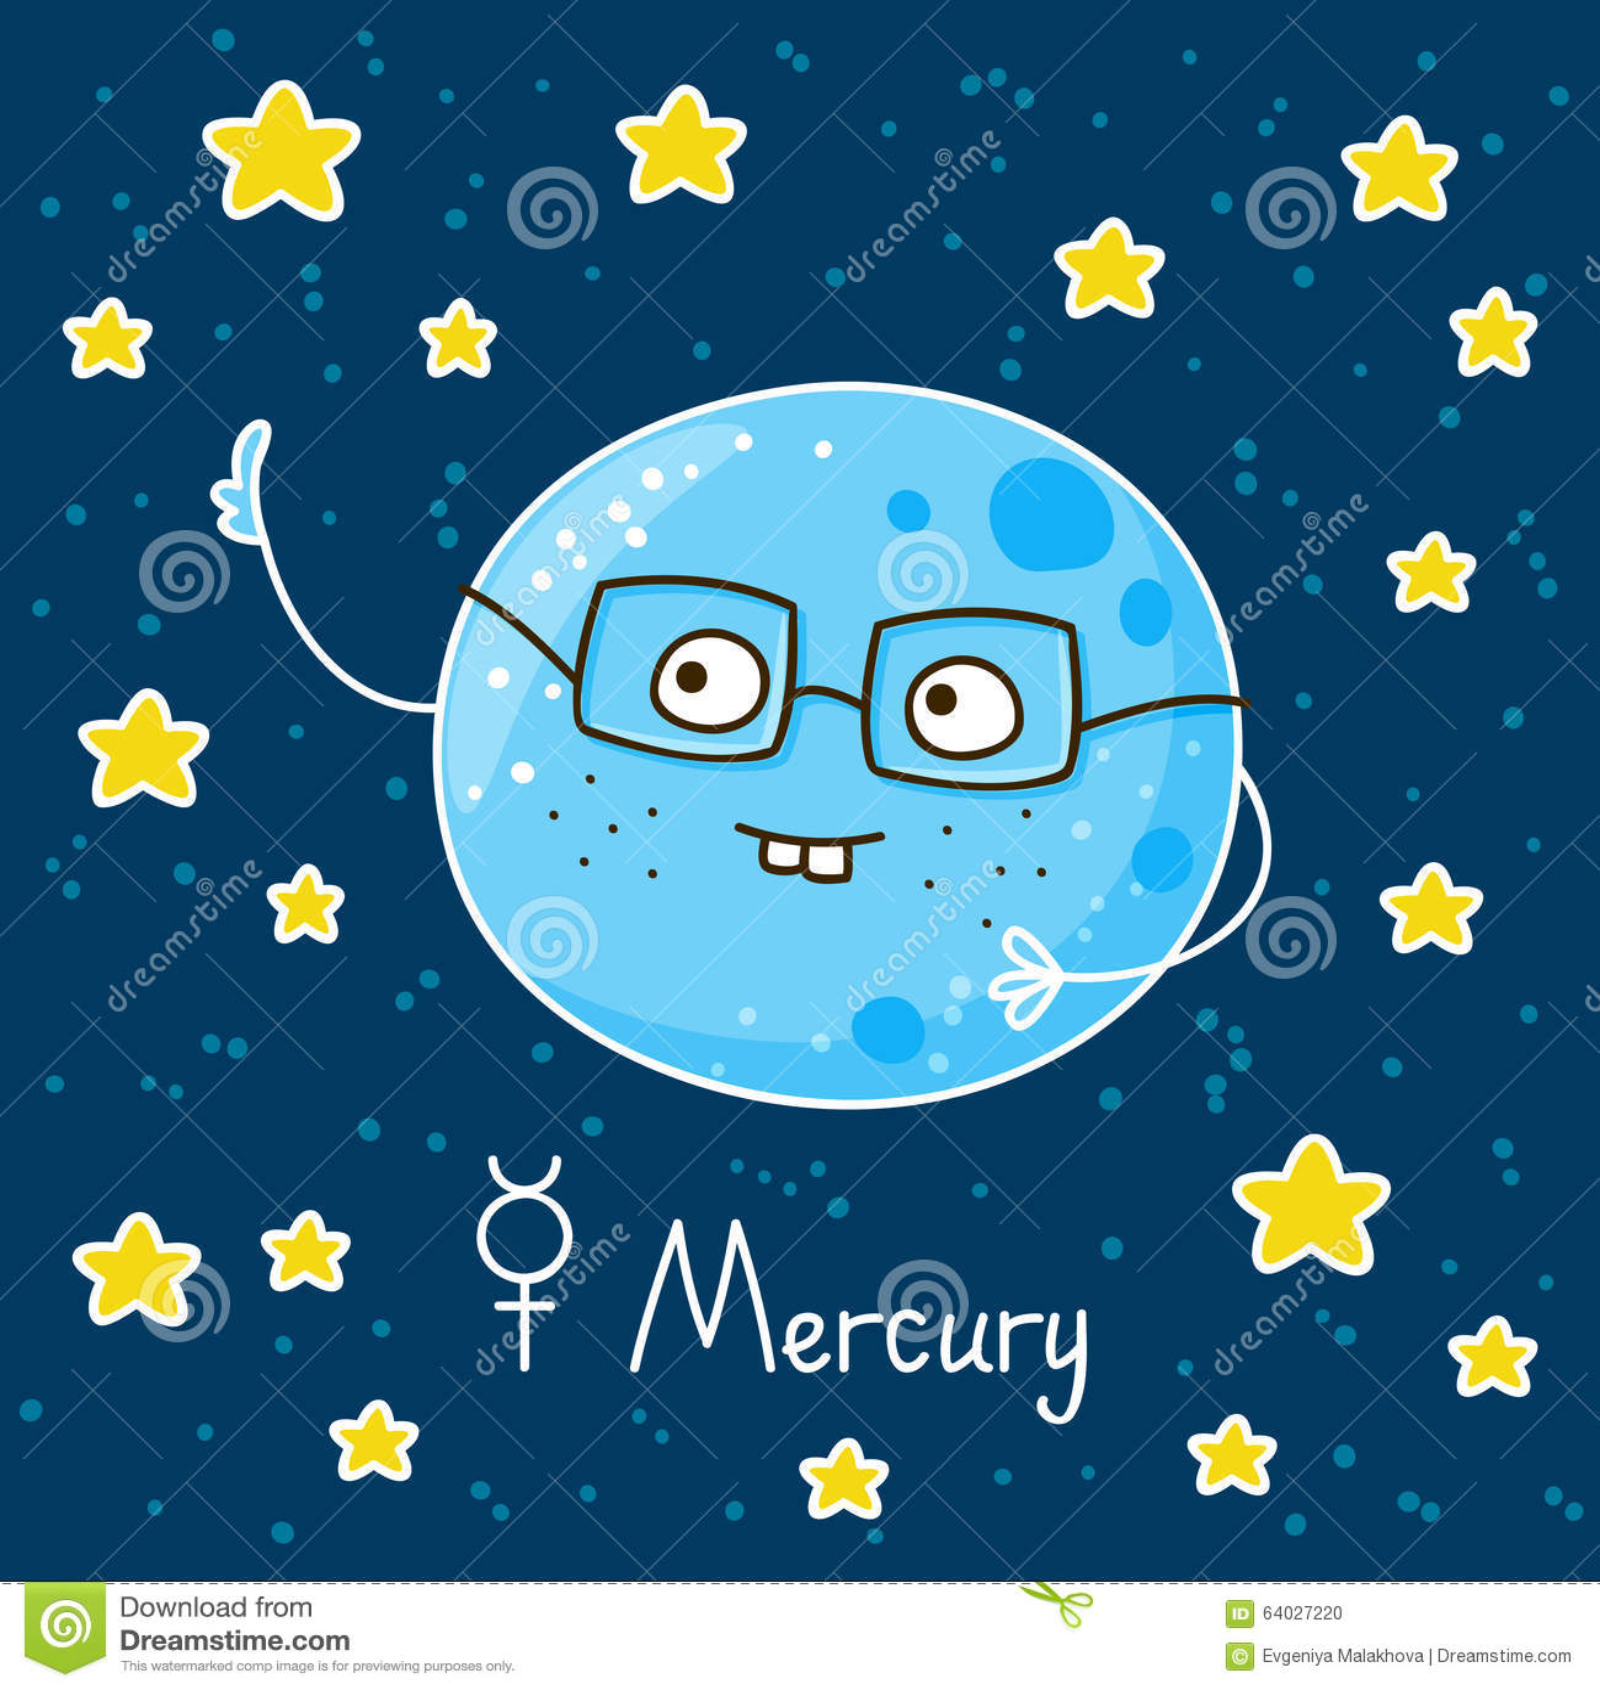 Cute cartoon Mercury stock vector. Image of glasses ...